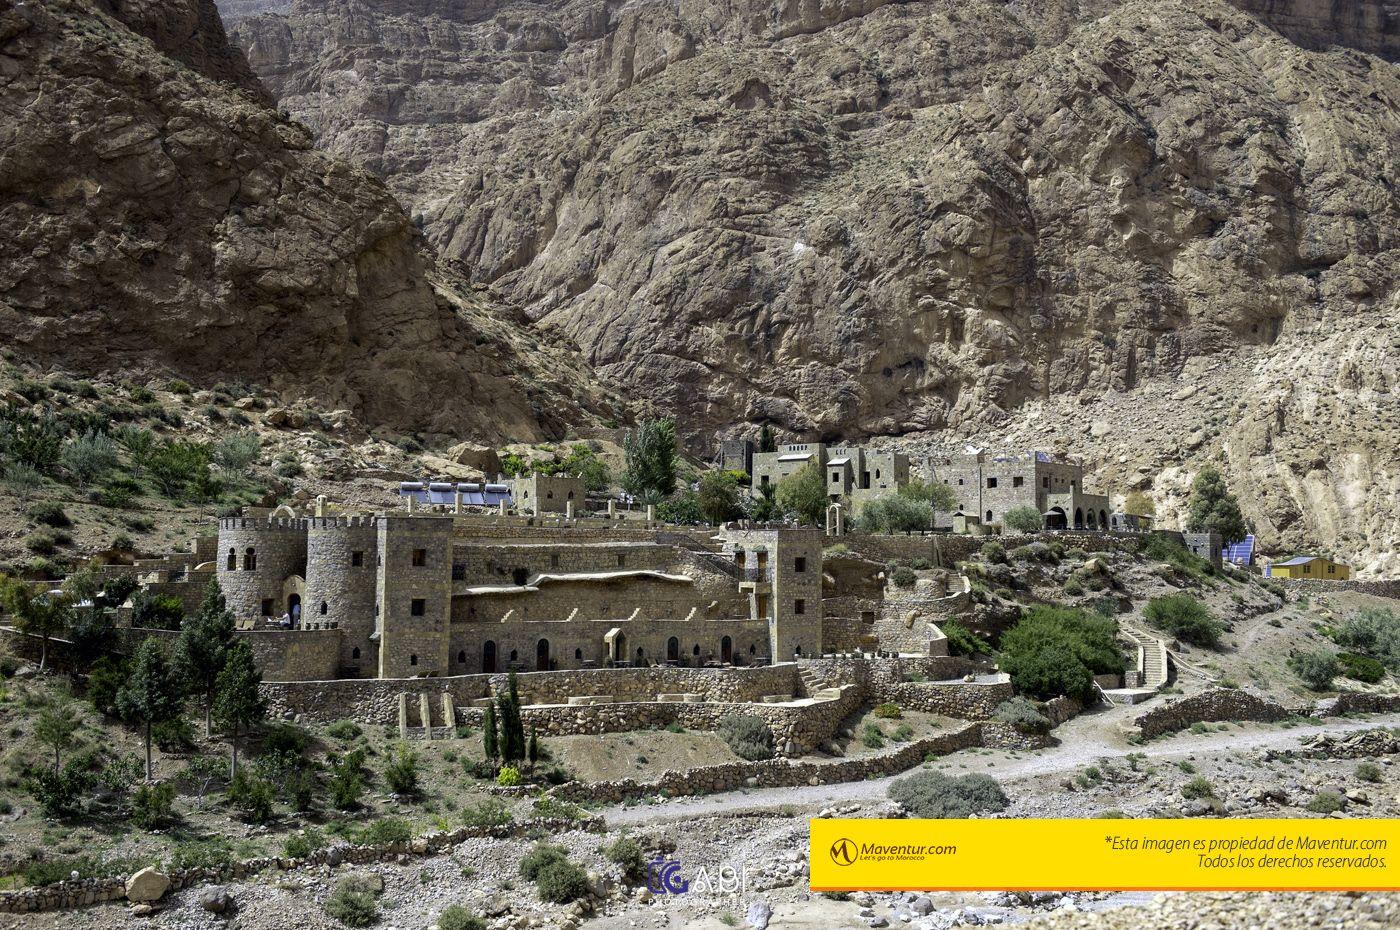 Maventur_viajes al desierto de sahara